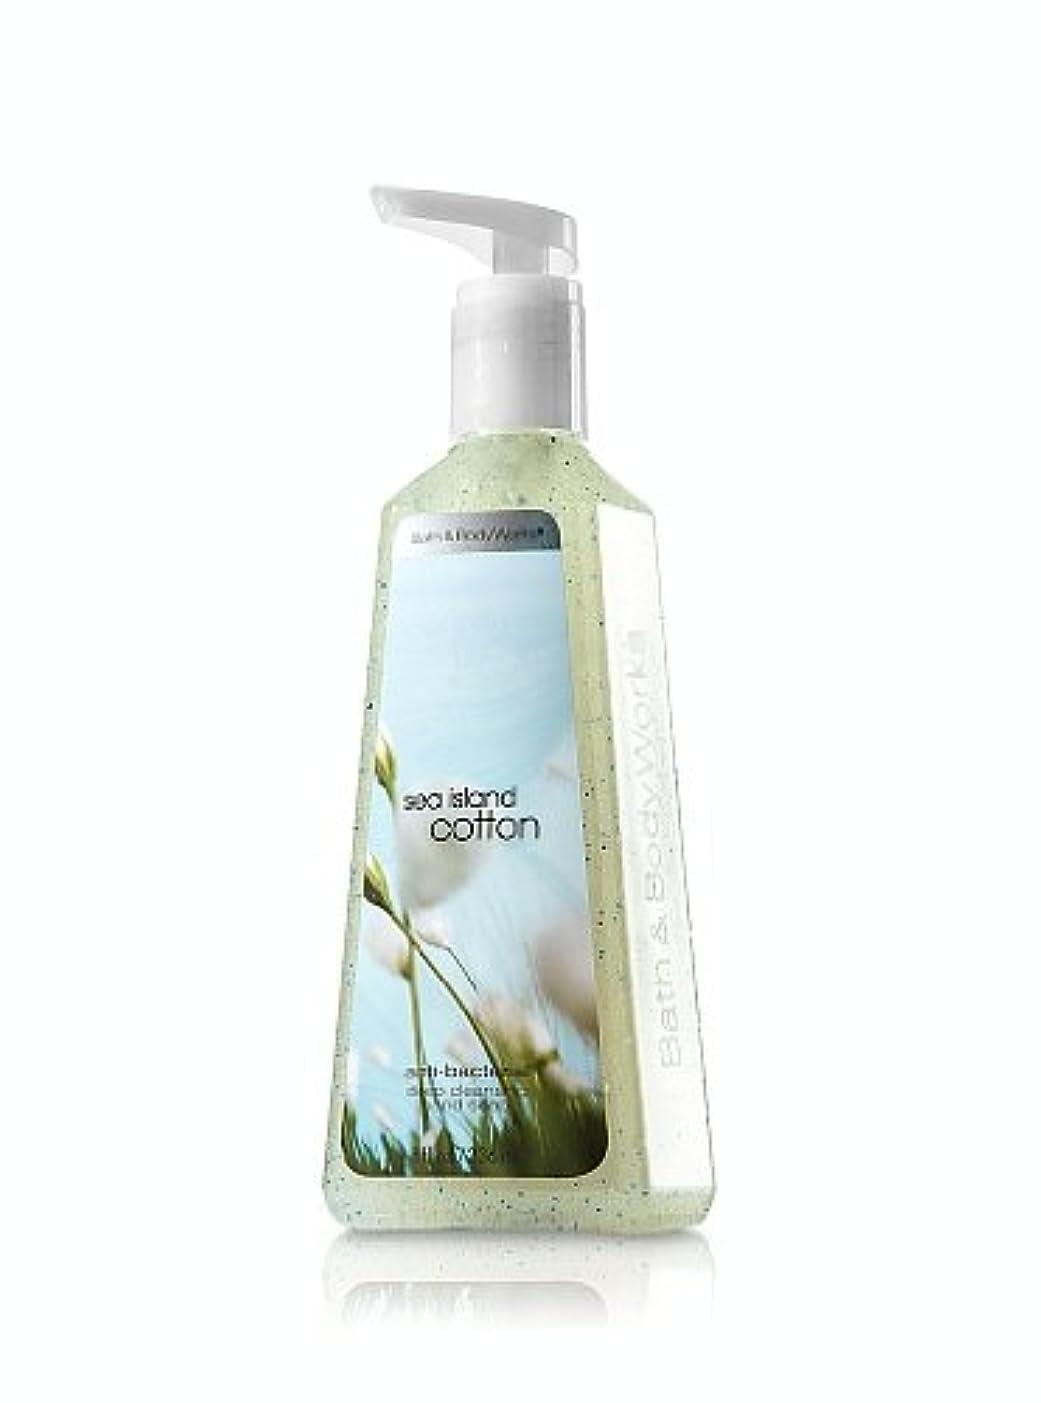 ロンドン気分が良いメダリストバス&ボディワークス シーアイランドコットン ディープクレンジングハンドソープ Sea Island Cotton Deep Cleansing Hand Soap [並行輸入品]